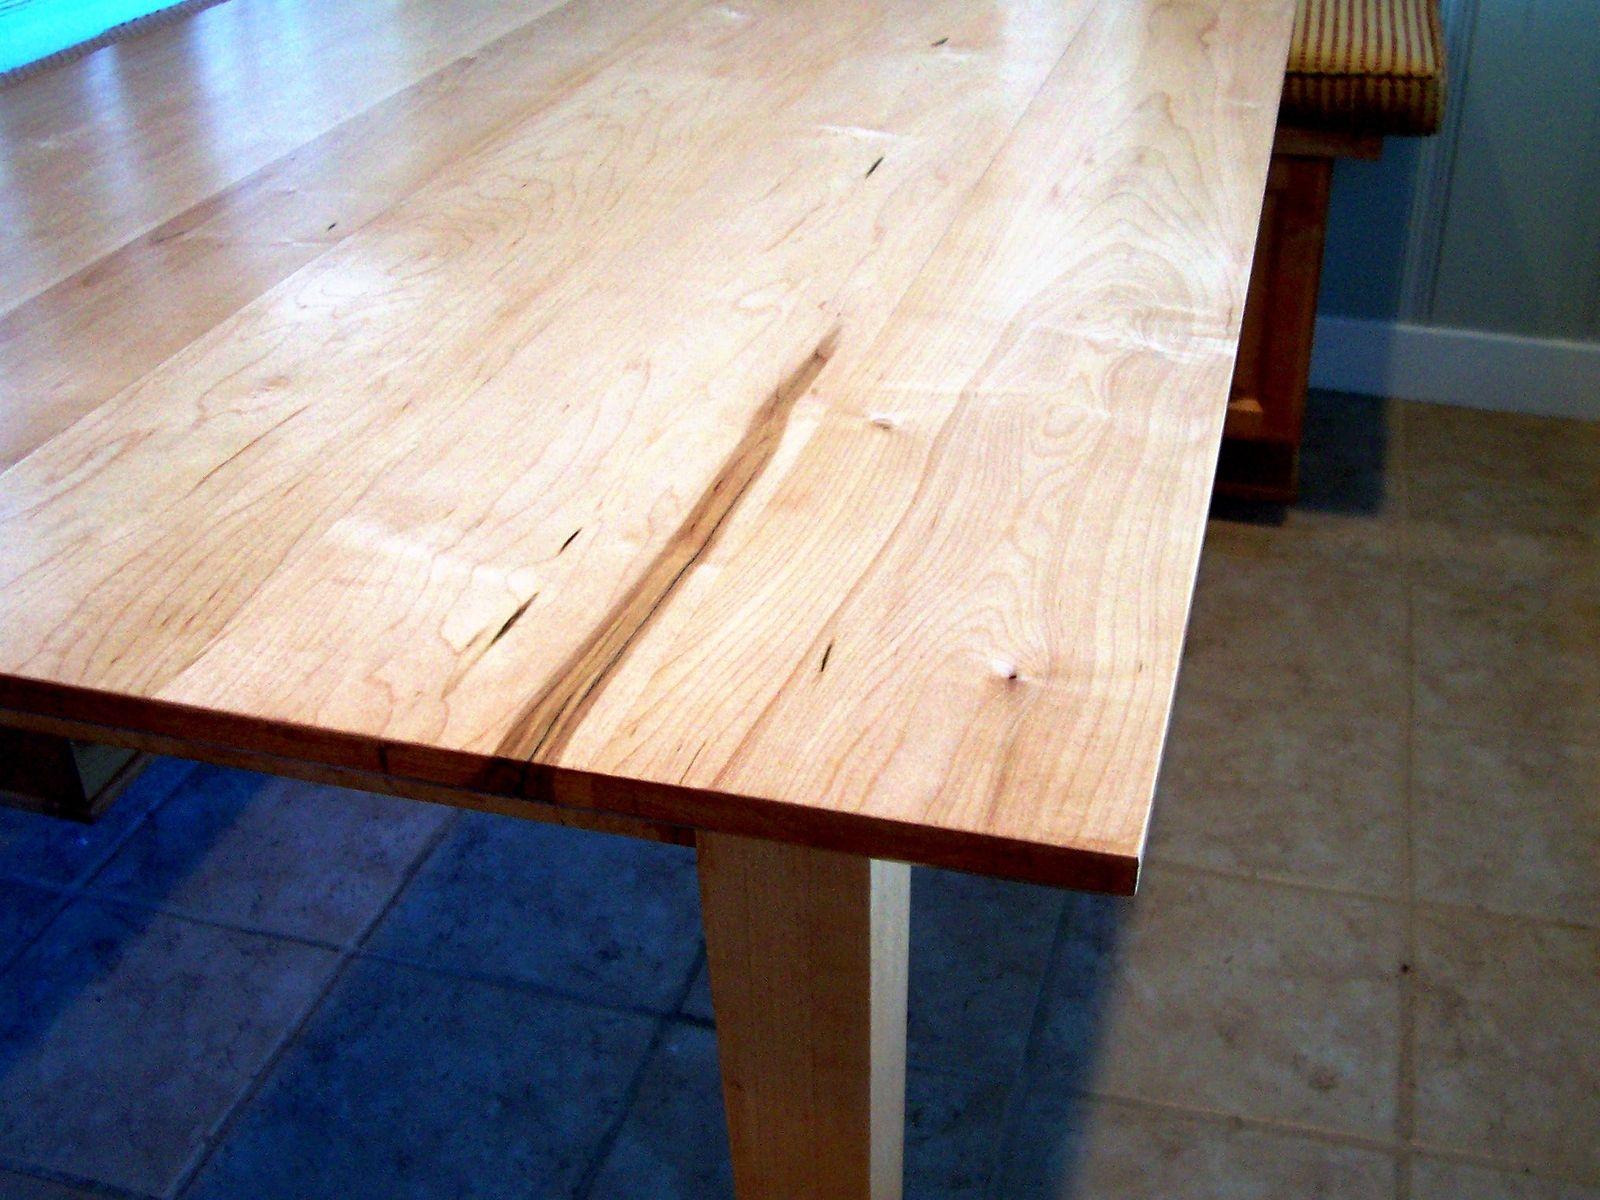 Hand Made Shaker Inspired Maple Table By Grant Kistler